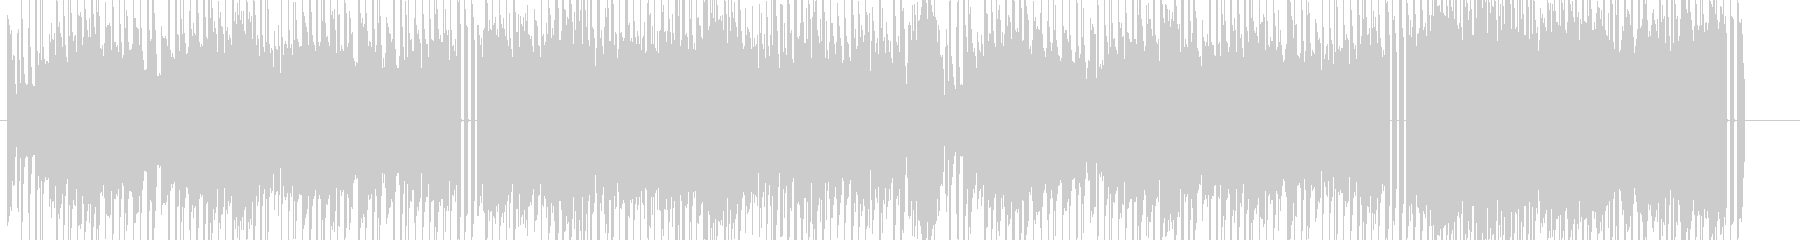 ほのぼのとしたエレクトロニカの未再生の波形